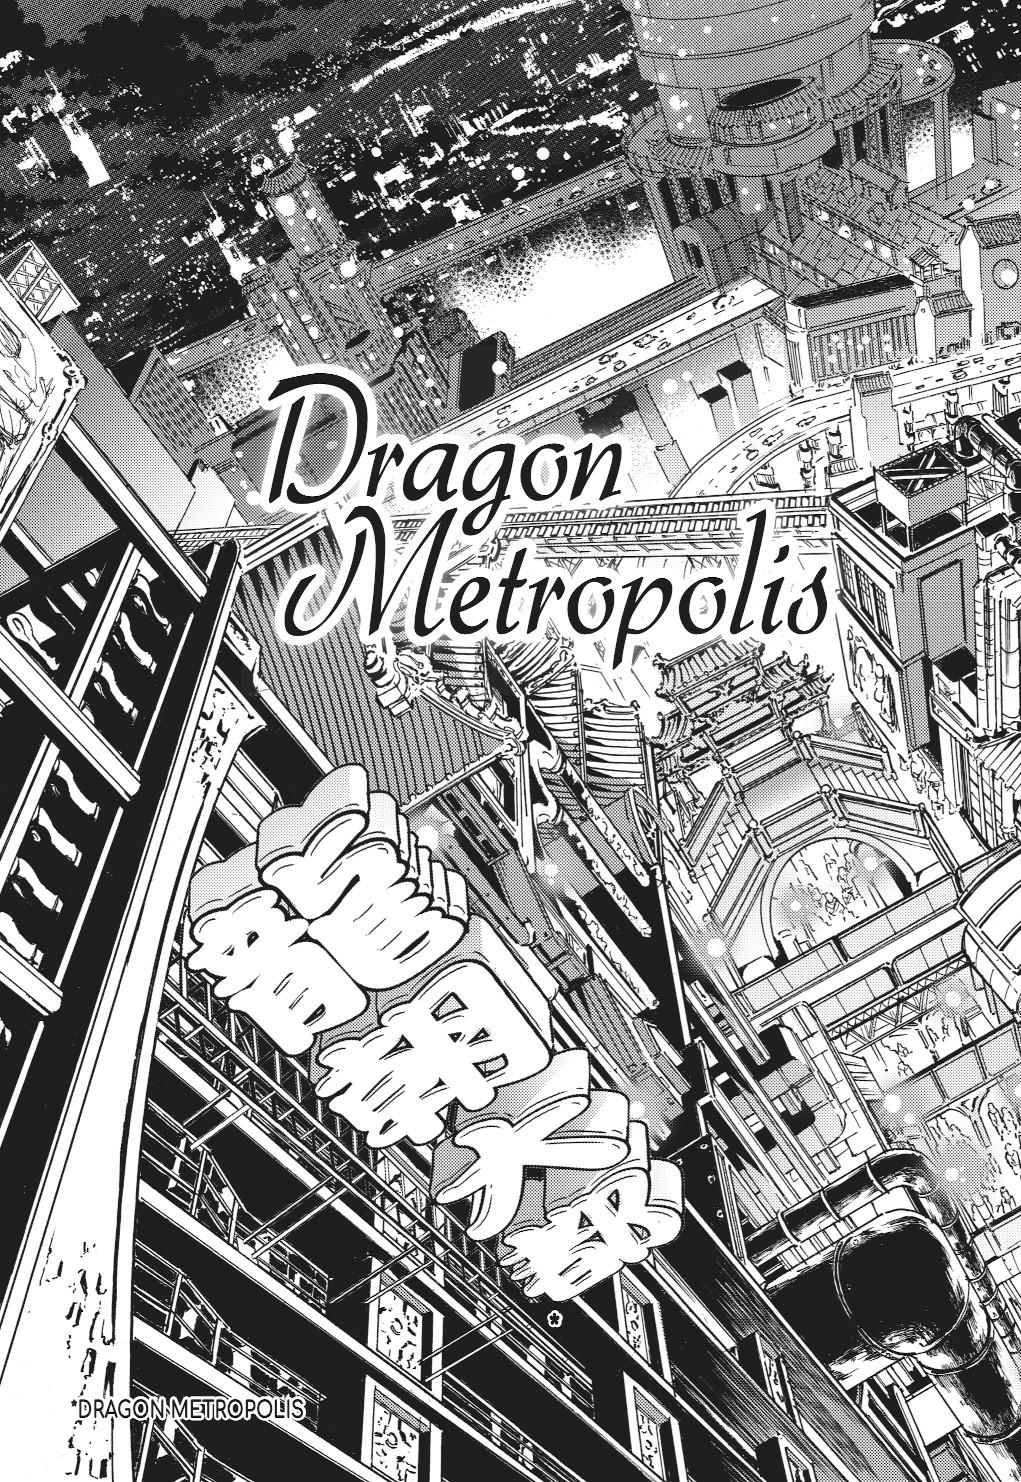 Dragon metropolis